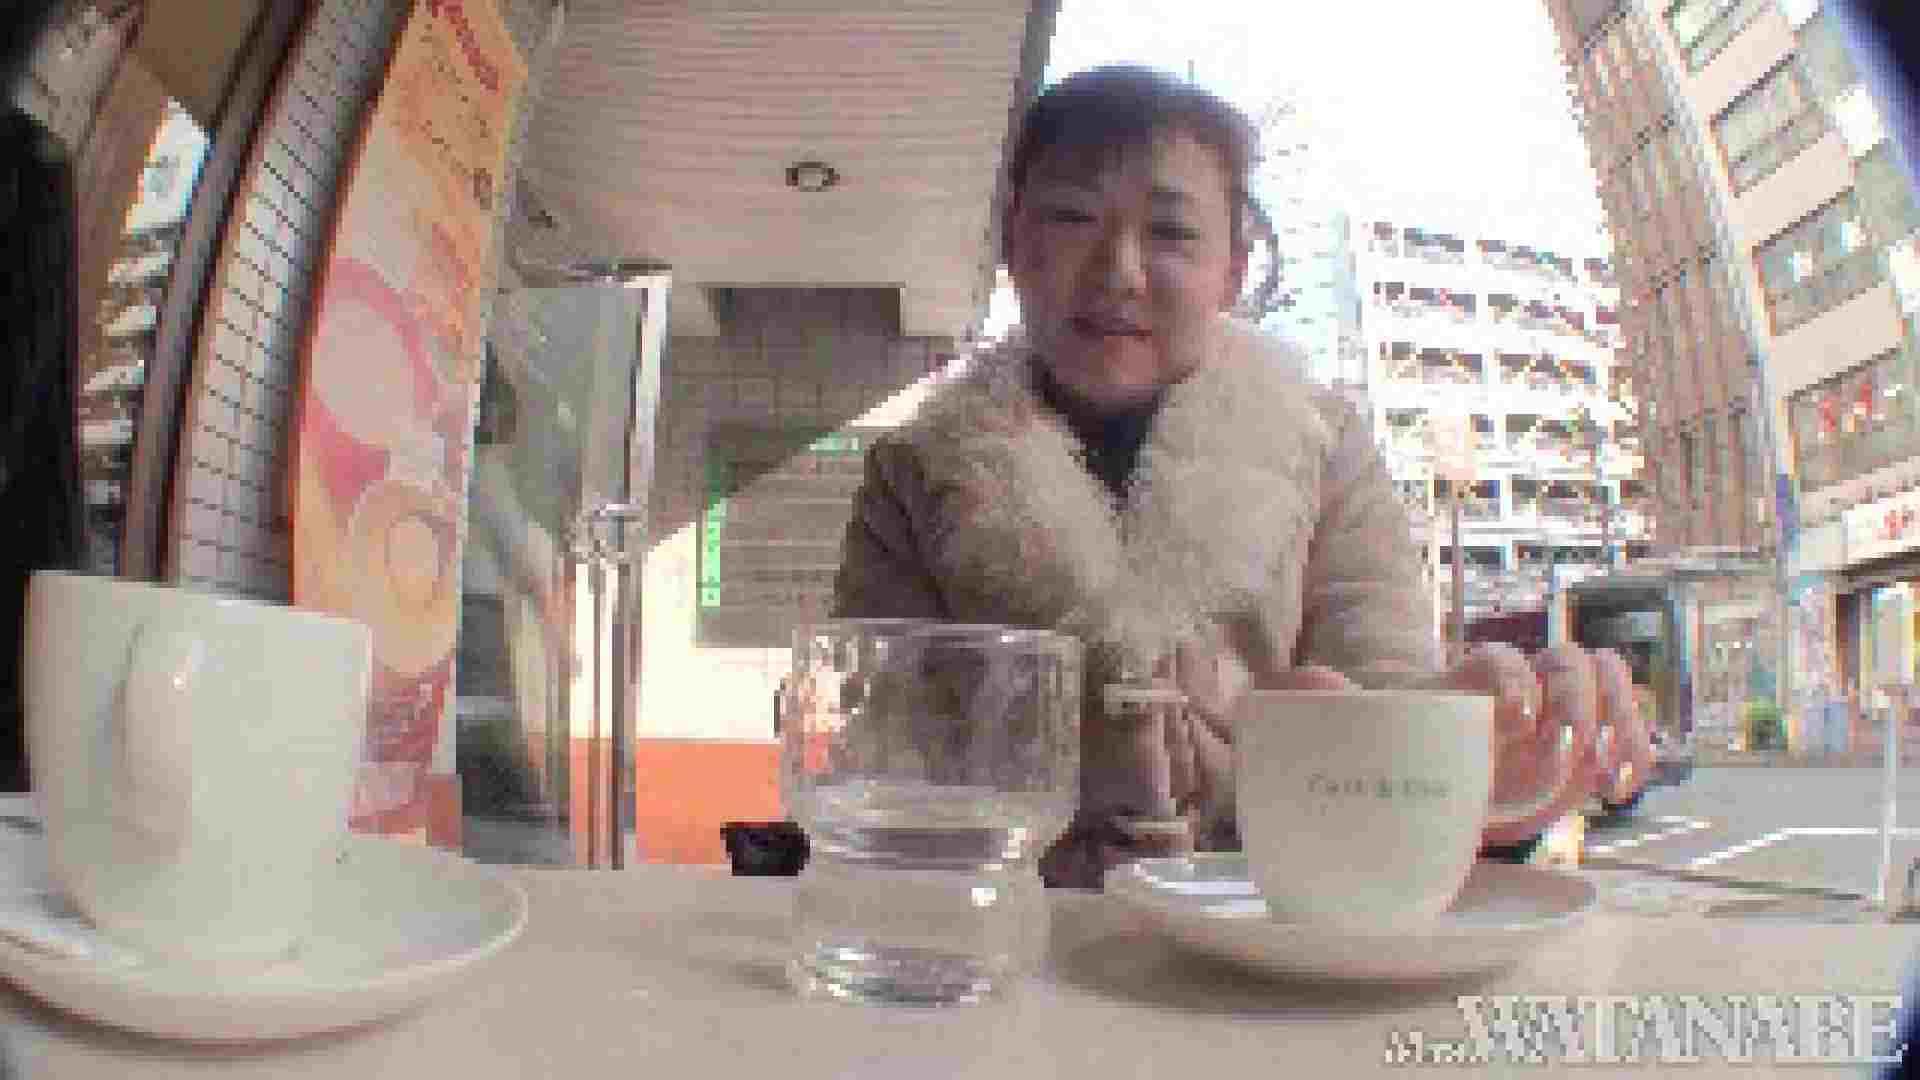 撮影スタッフを誘惑する痴熟女 かおり40歳 Vol.01 素人 | HなOL  67pic 7